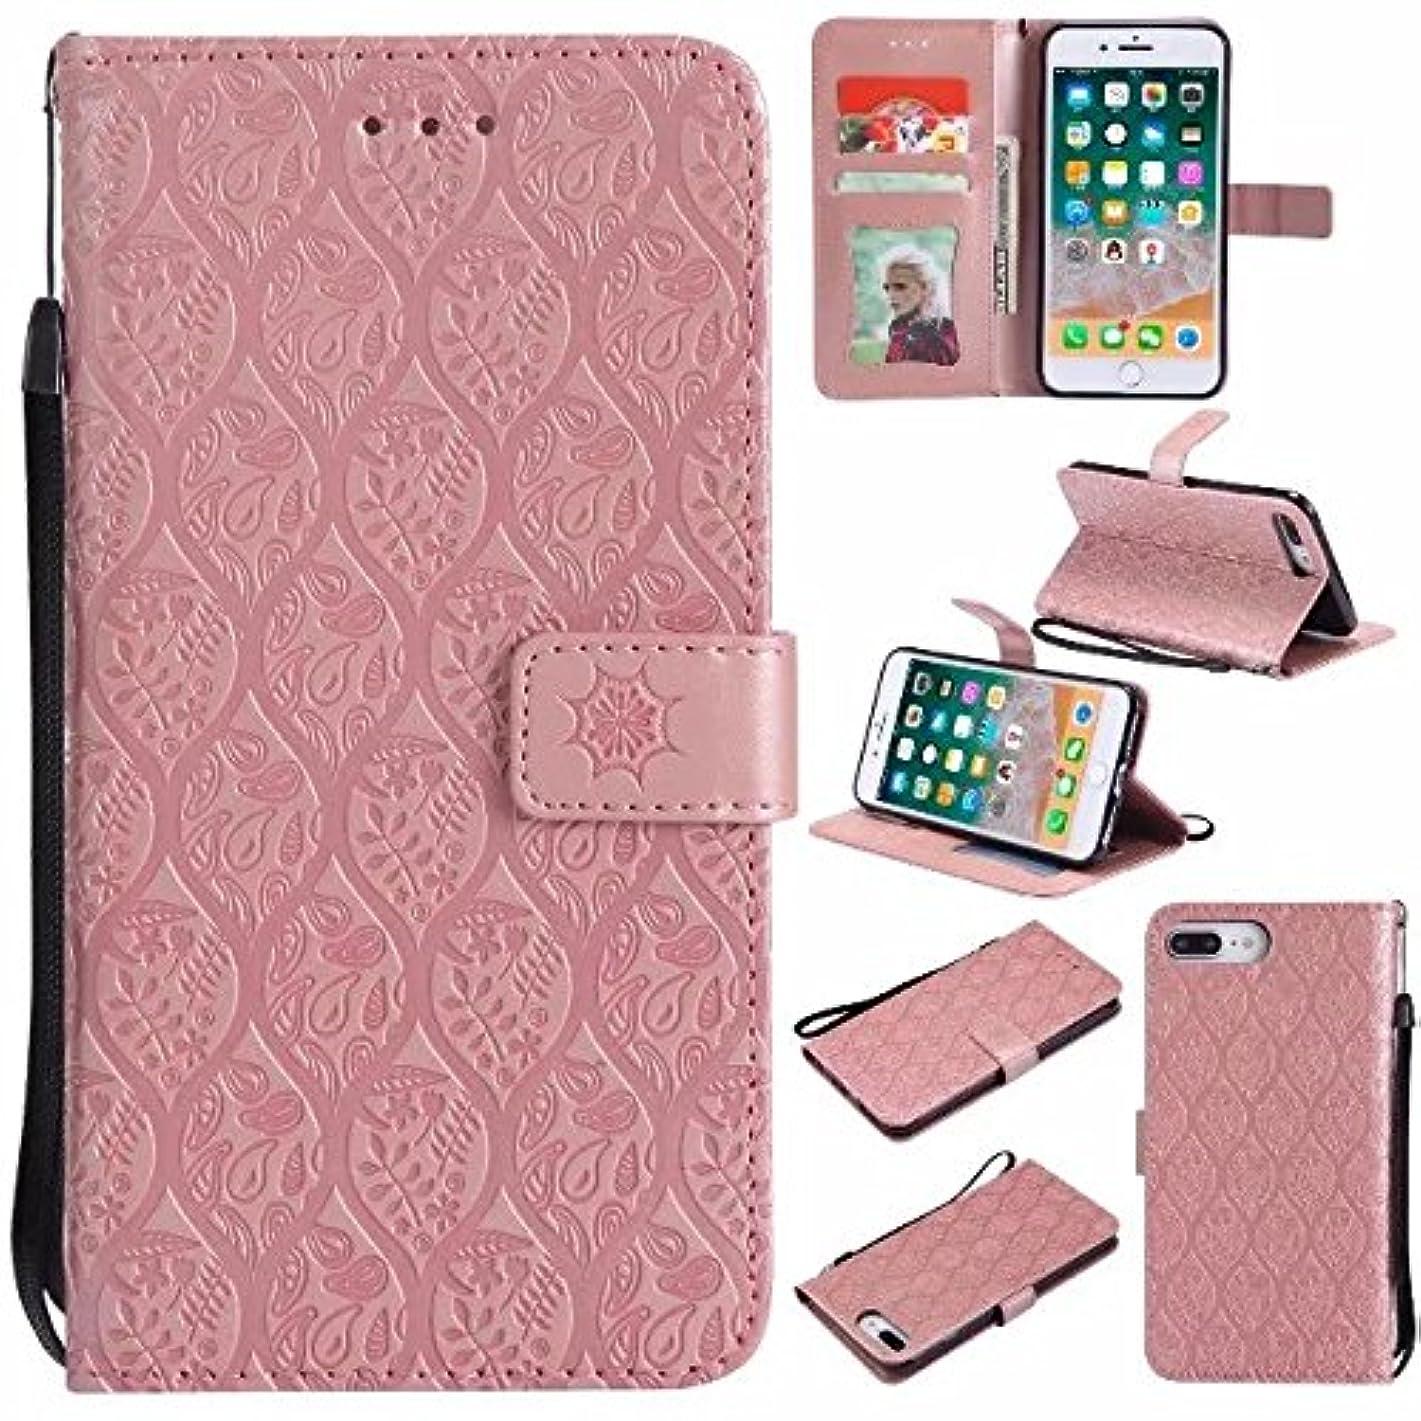 短命息子振るうケース for iPhone 8 Plus, Abtory Women's ケース ストラップ付き スタンド機能付き マグネット開閉 PUレザーケース 財布型 カード収納 おしゃれ デザイン for iPhone 7 Plus/iPhone 8 Plus - Pink